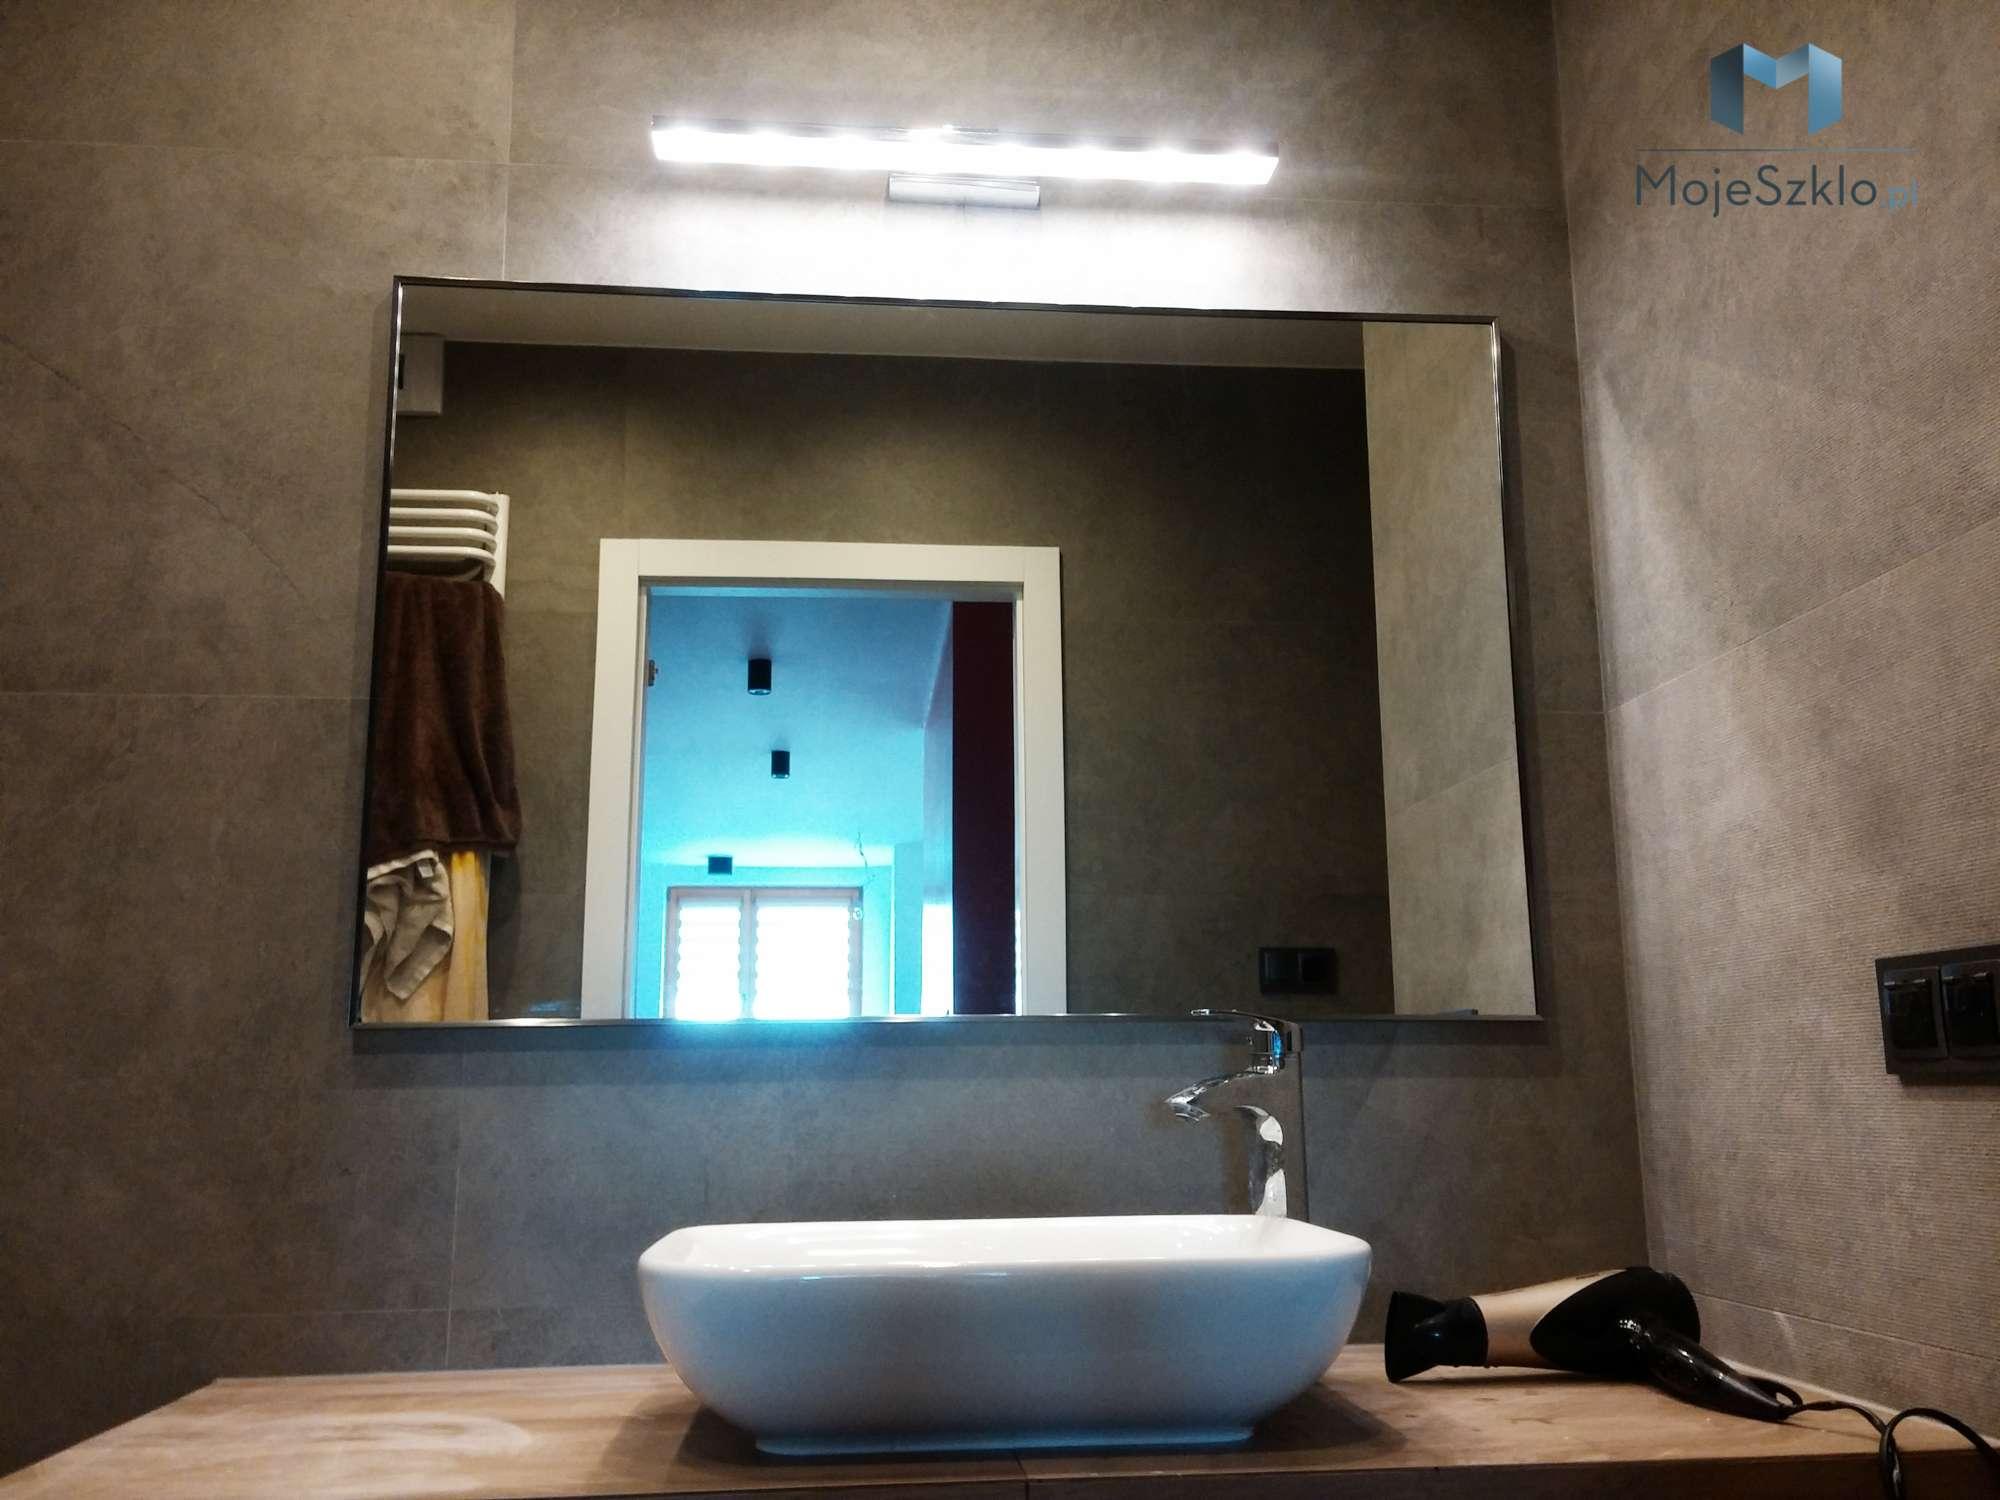 Duze Lustro W Ramie Do Lazienki - Lustro w ramie I Ramy aluminiowe, drewniane, lustrzane